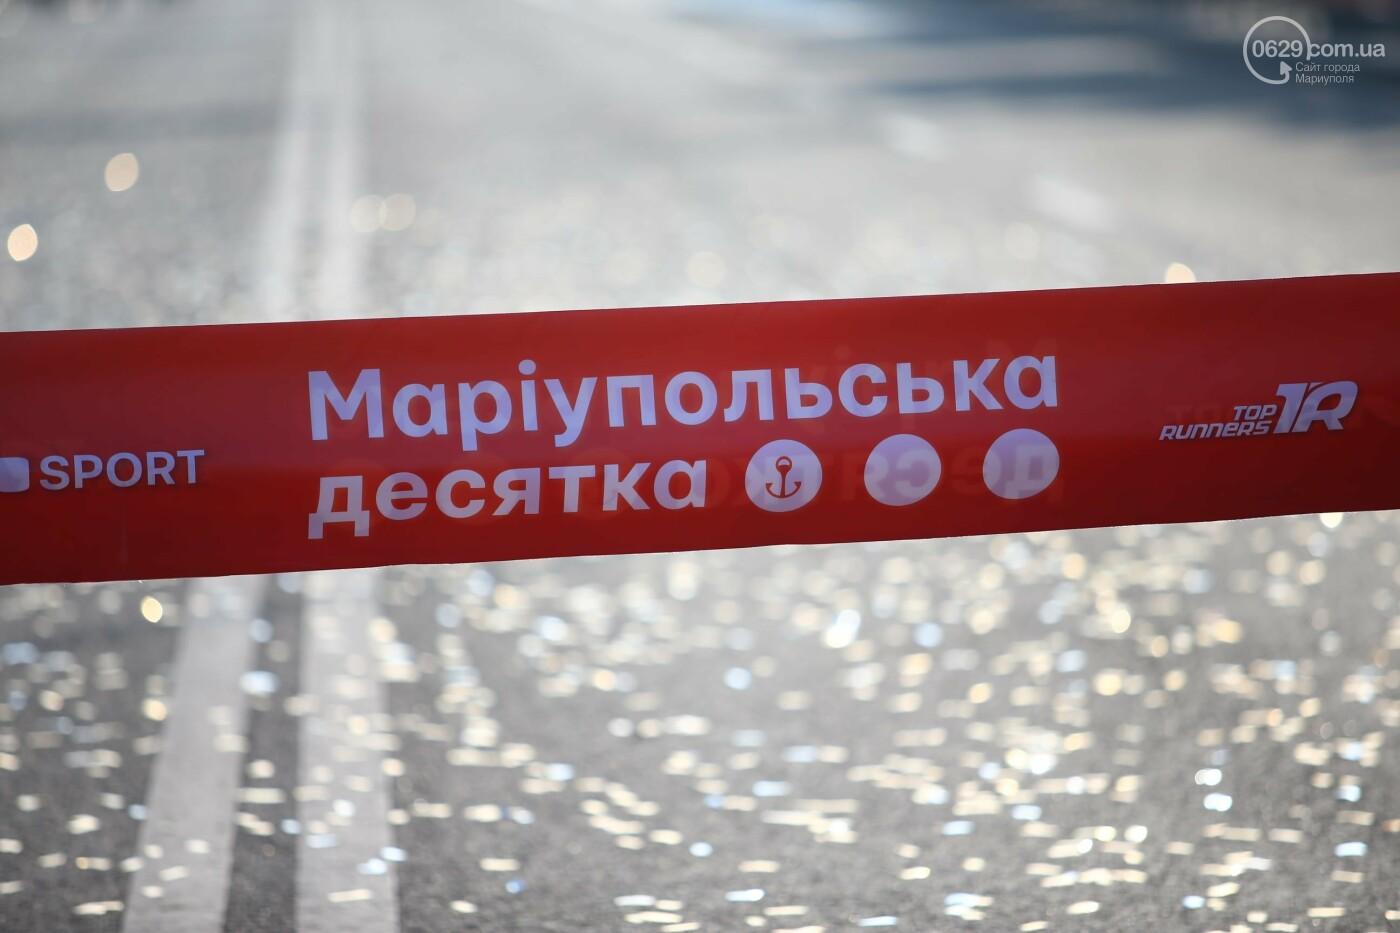 """В Мариуполе стартует массовый забег """"Мариупольская десятка"""" (ФОТООТЧЕТ), фото-32"""